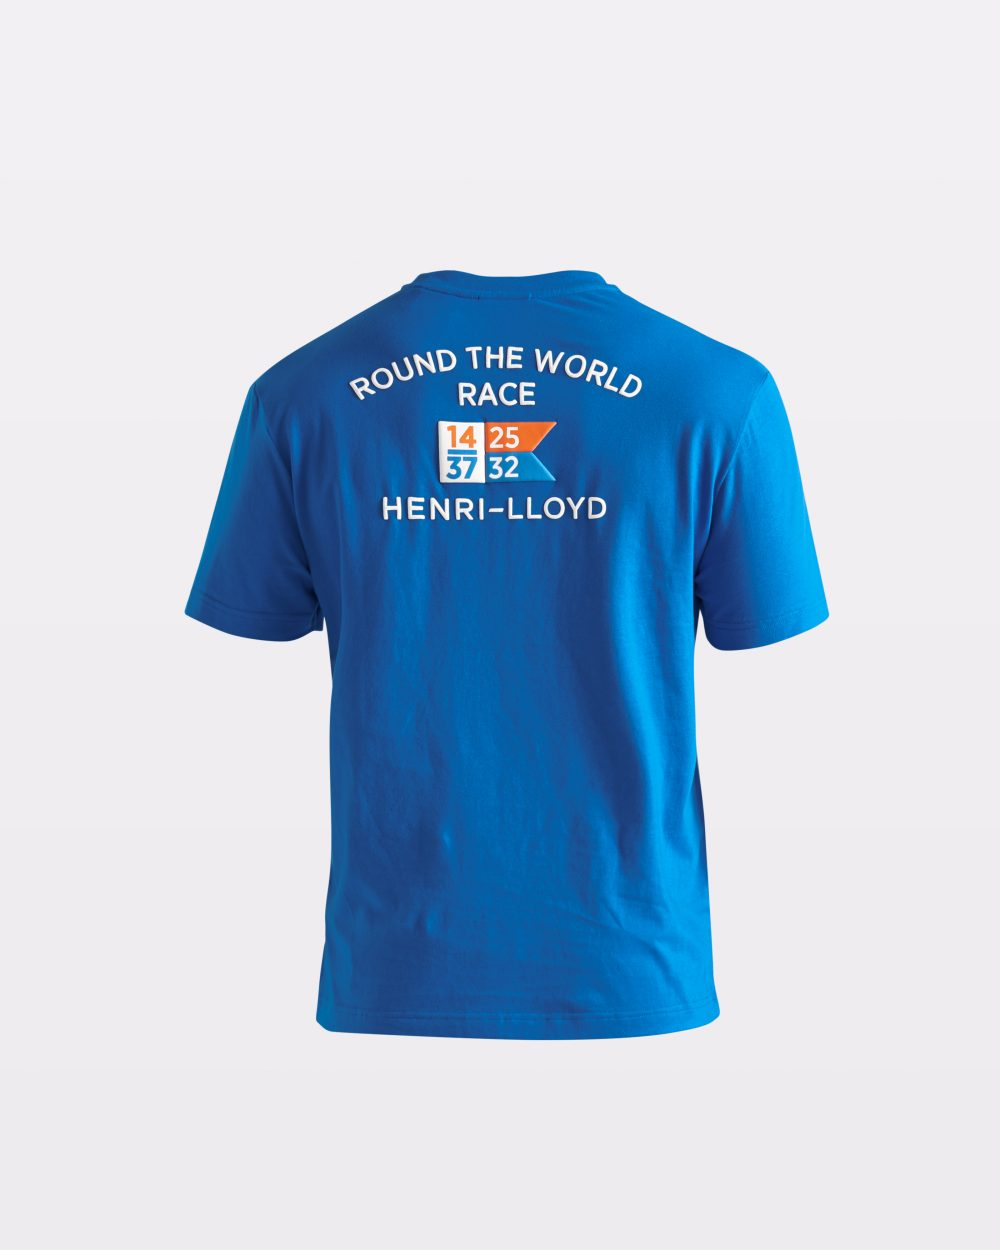 Miesten kirkkaansininen RWR-t-paita takaapäin